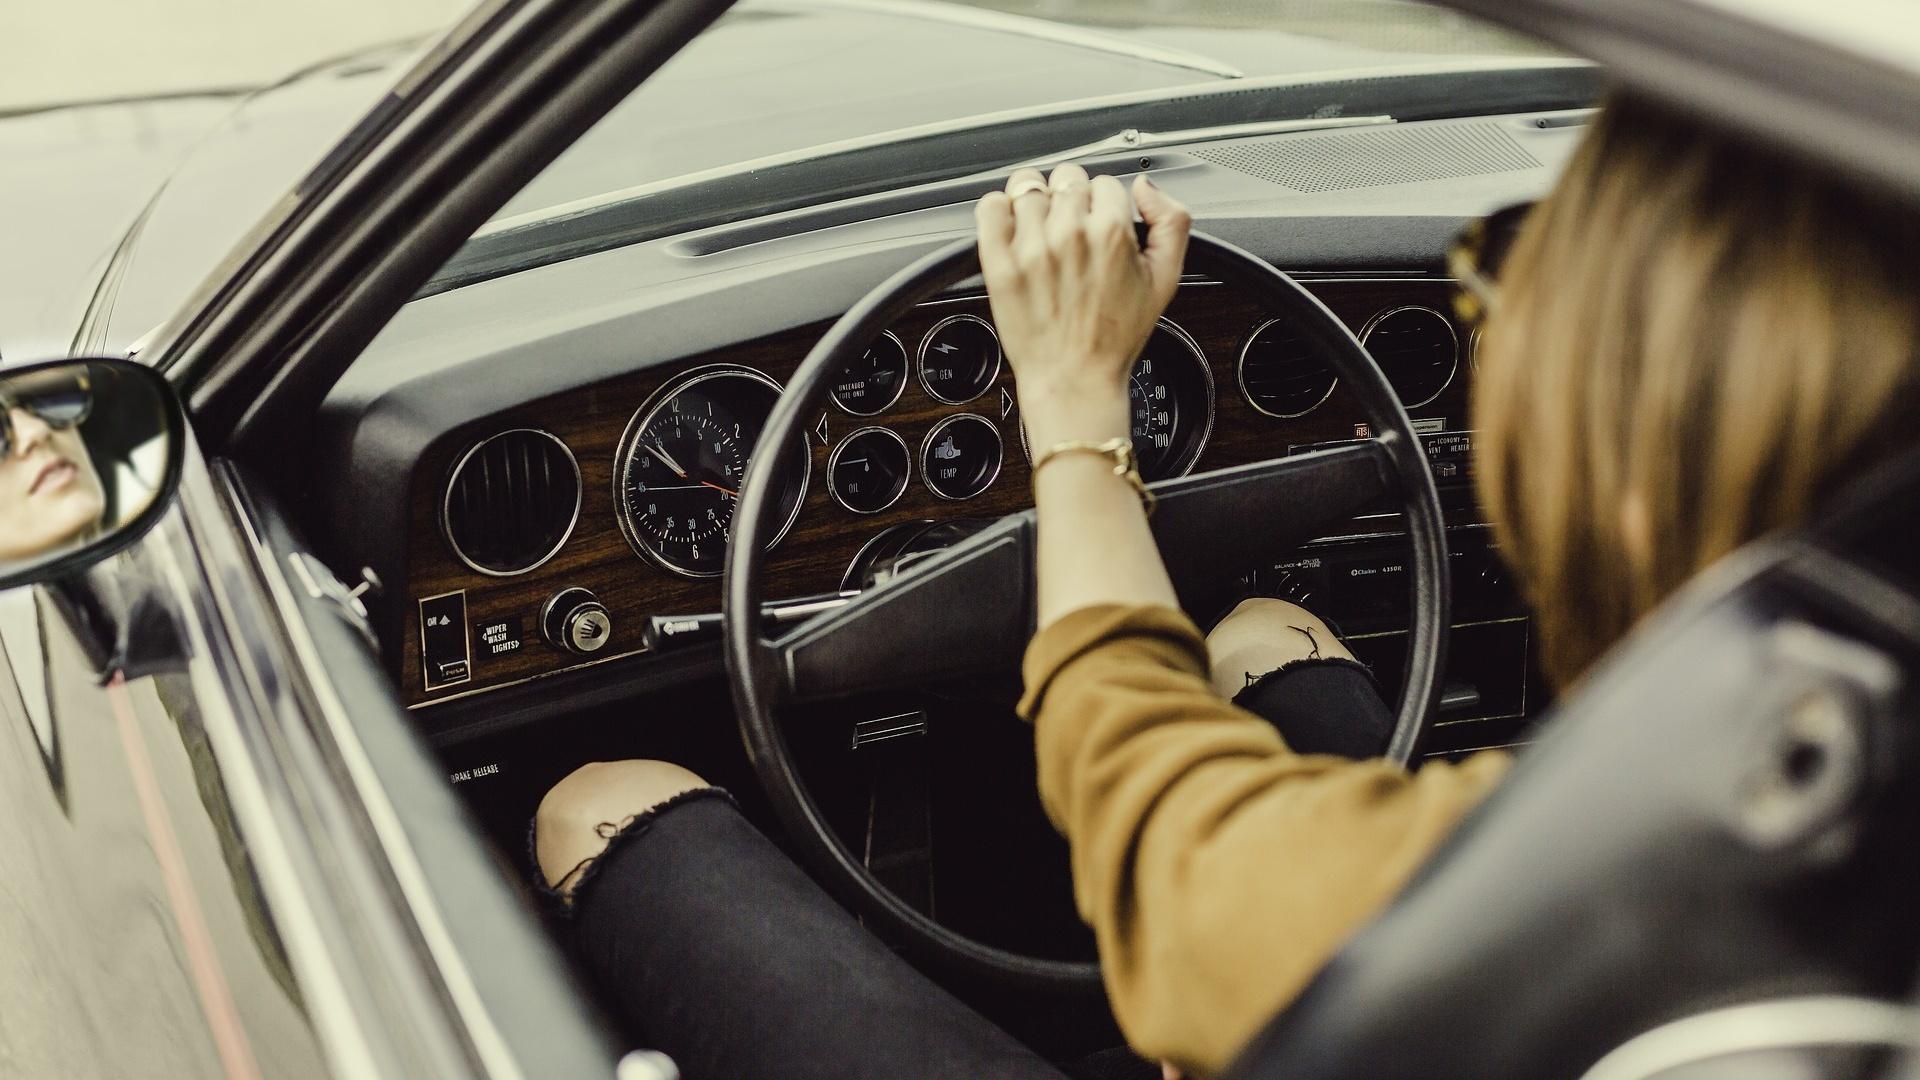 Um Ihre Unsicherheit beim Autofahren zu überwinden, hilft der Rat eines Experten.